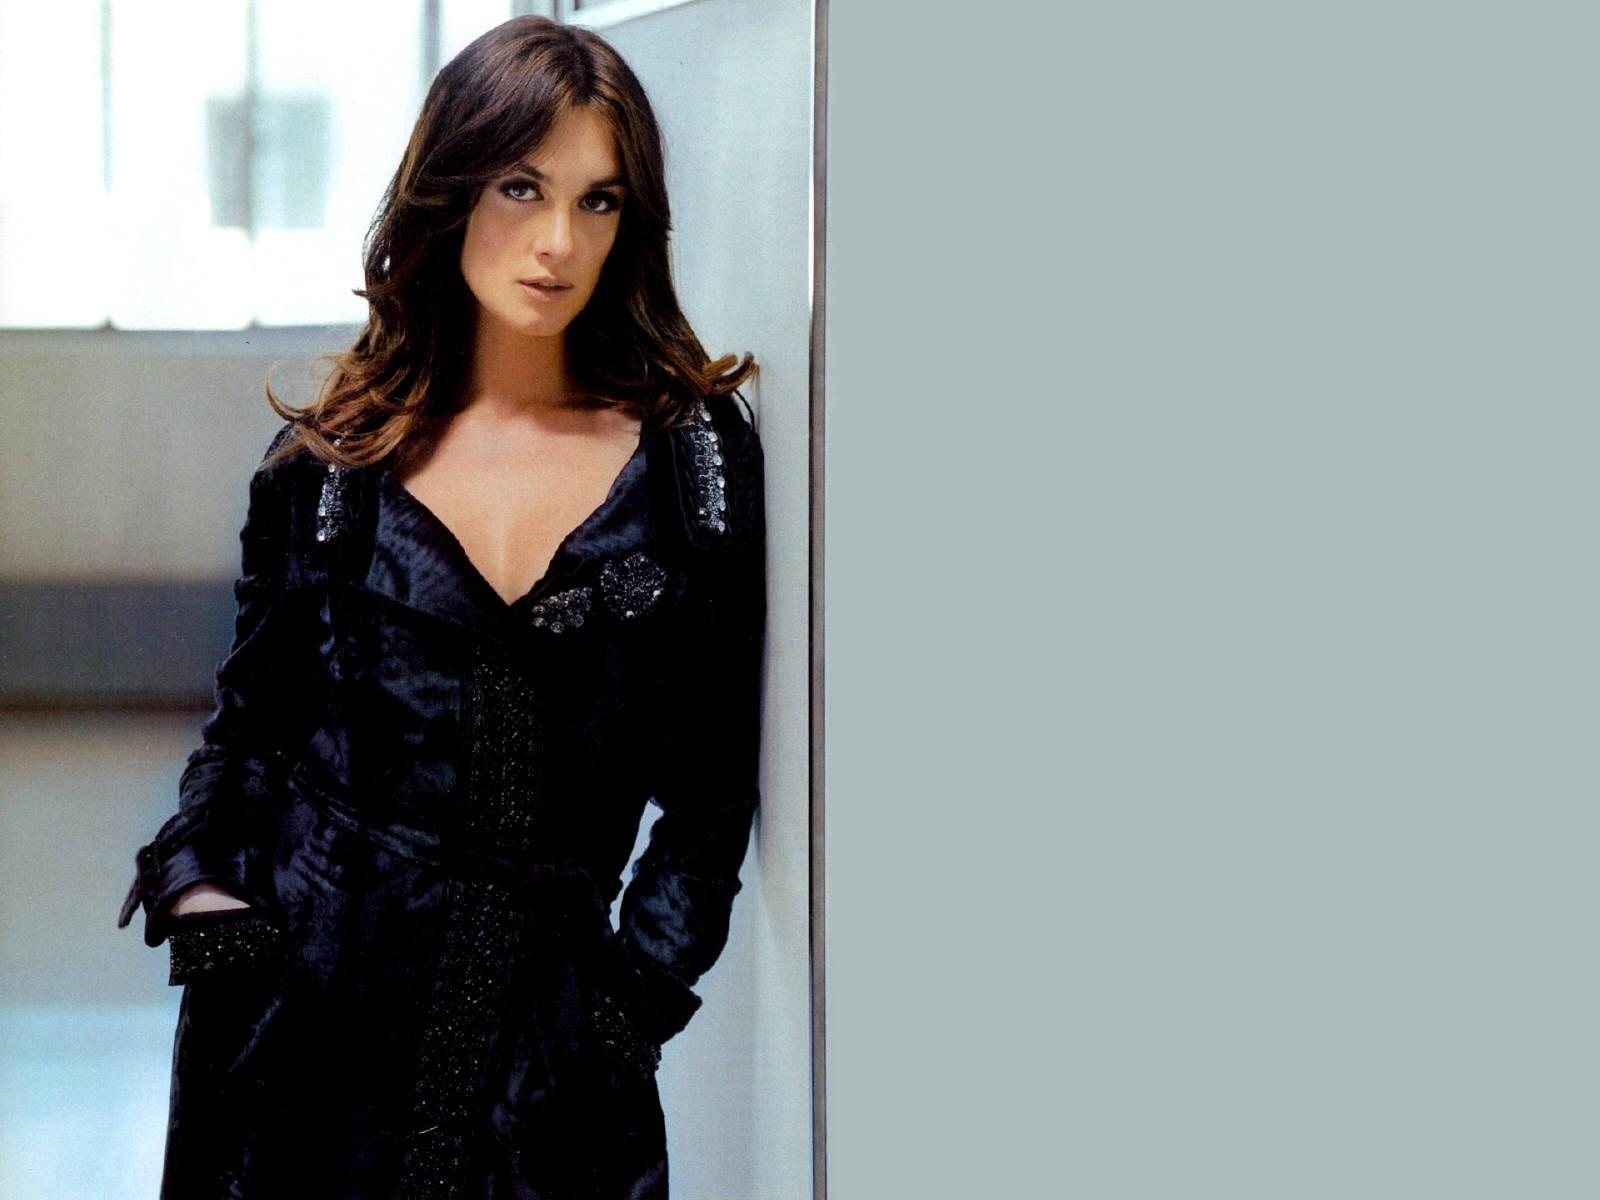 Wallpaper di Paz Vega - l'attrice spagnola è nata il 2 gennaio 1976, sotto il segno del Capricorno